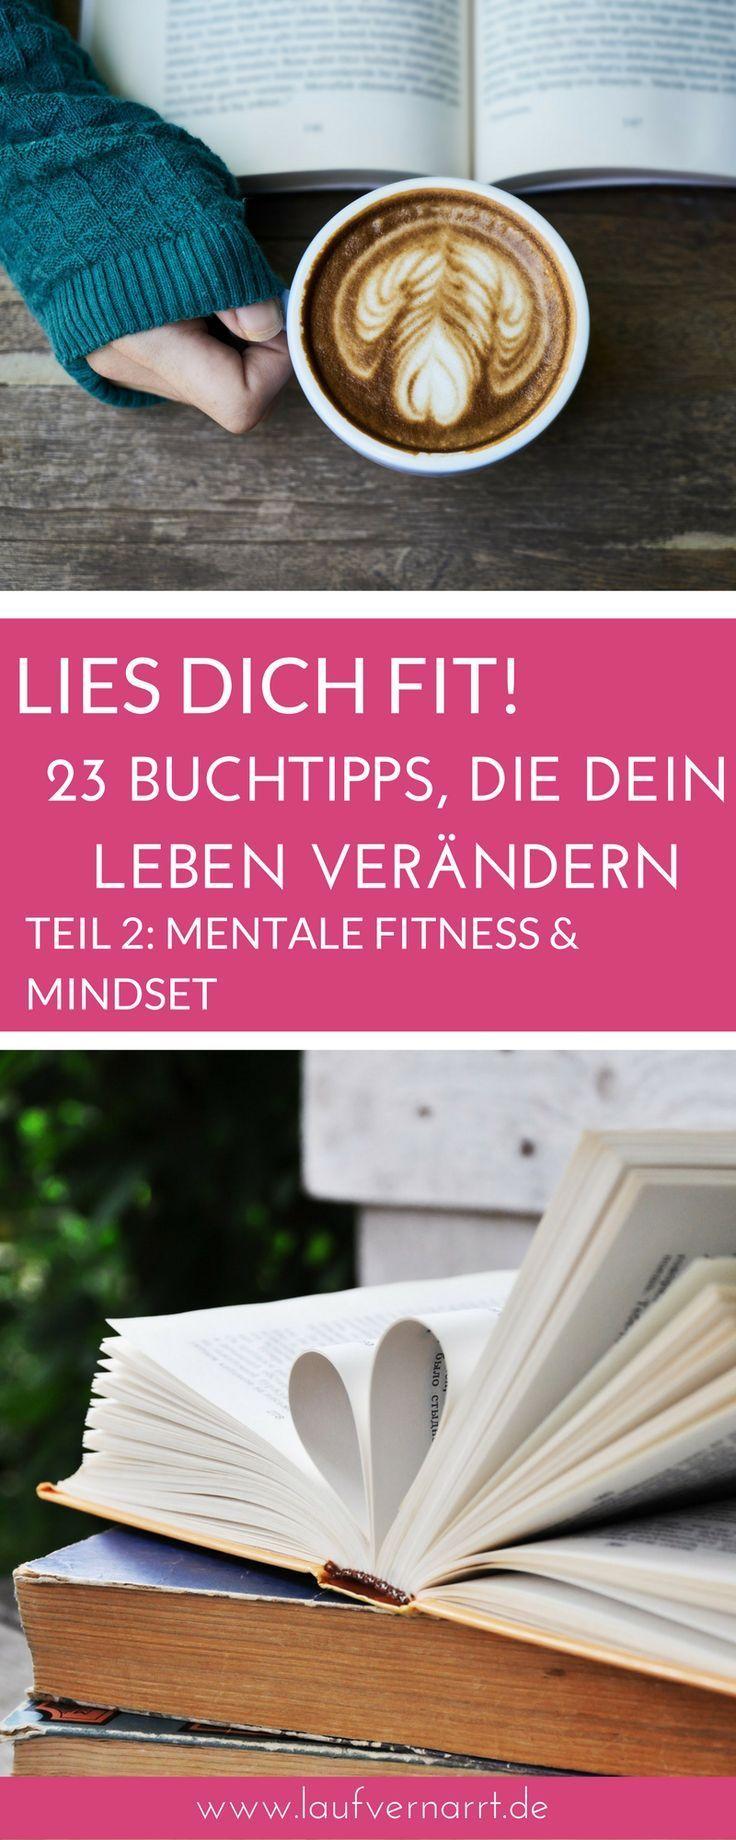 Lies dich fit! 23 Buchtipps, die dein Leben verändern (Teil 2 – Mentale Fitness & Mindset